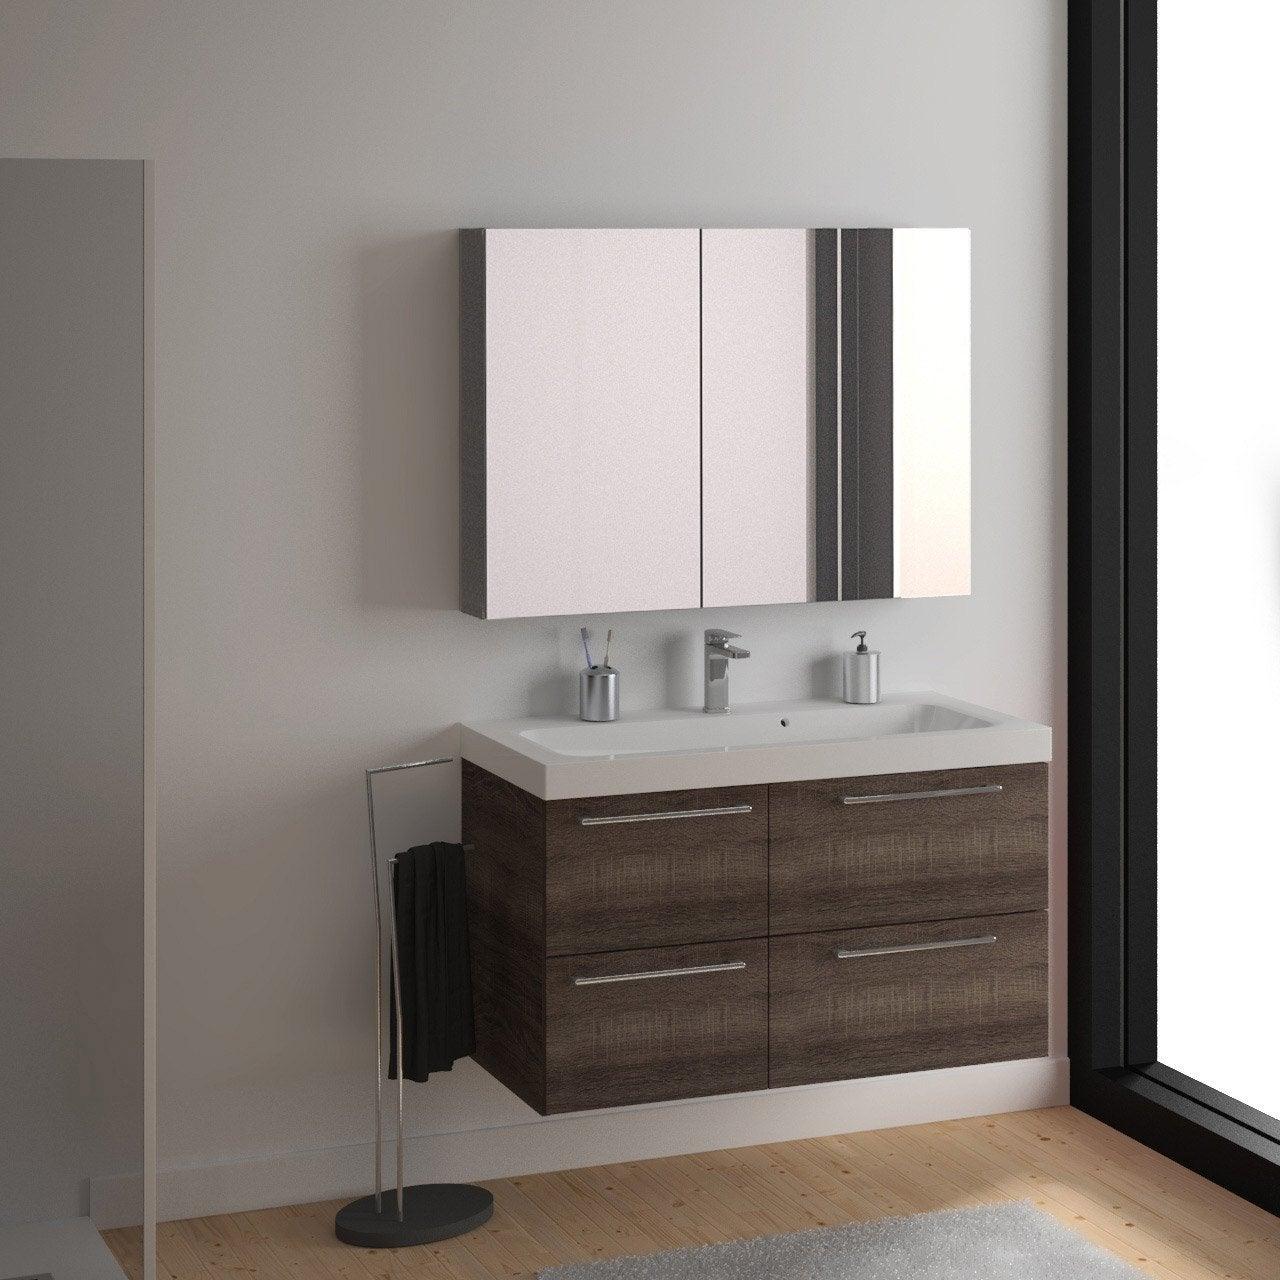 Salle de bain rouge leroy merlin for Colonne de salle de bain remix